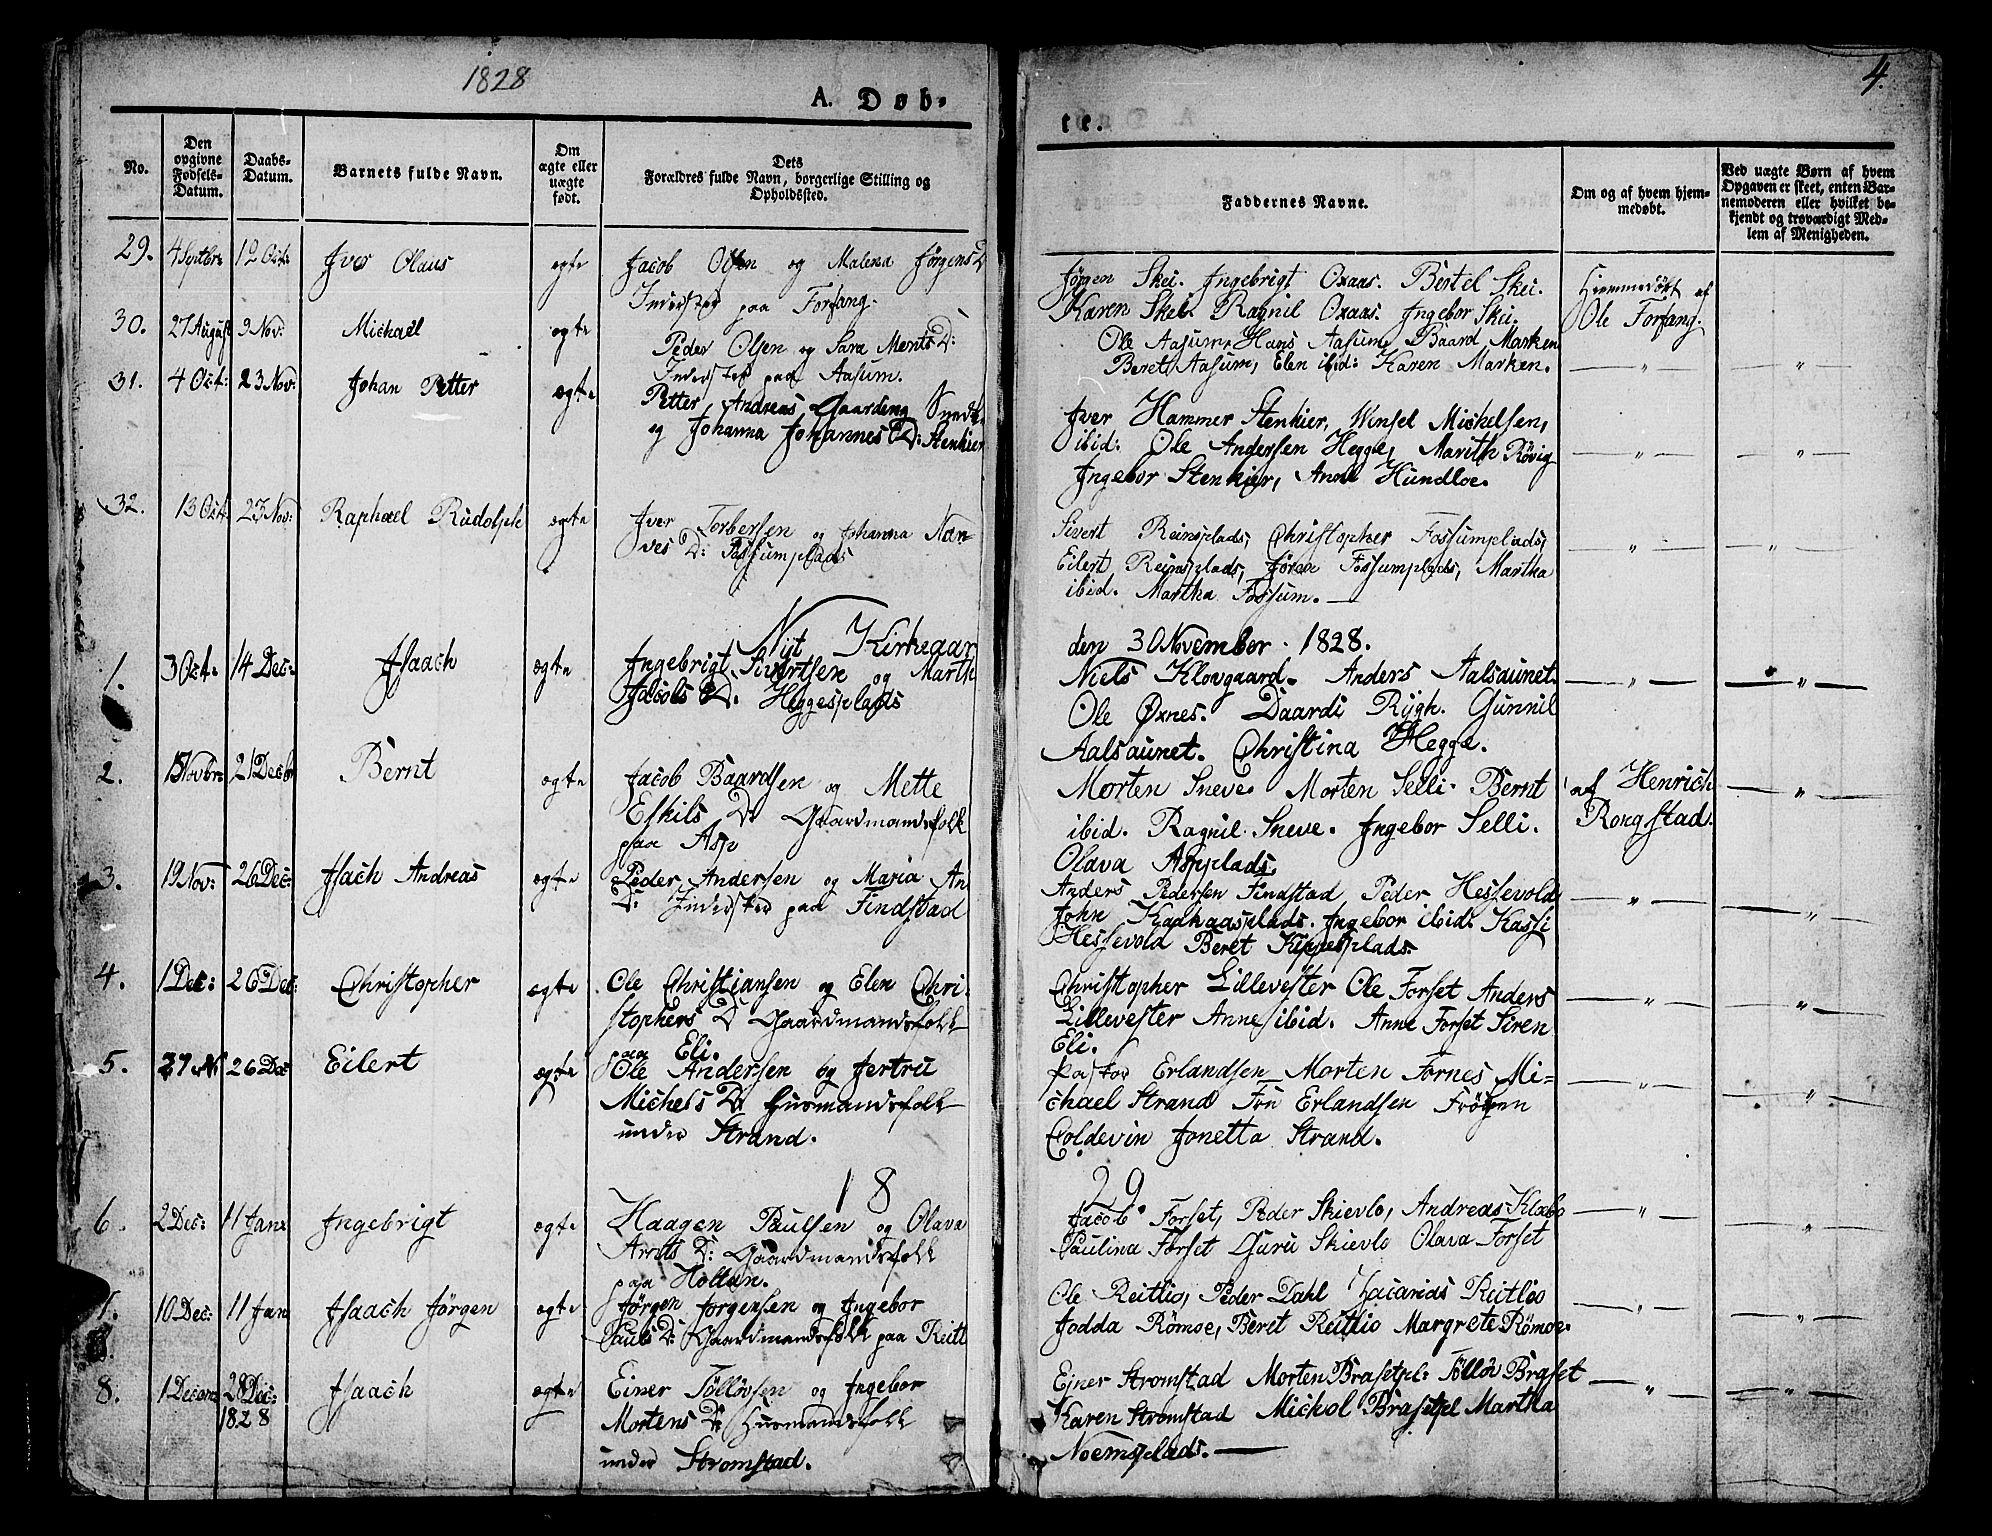 SAT, Ministerialprotokoller, klokkerbøker og fødselsregistre - Nord-Trøndelag, 746/L0445: Ministerialbok nr. 746A04, 1826-1846, s. 4